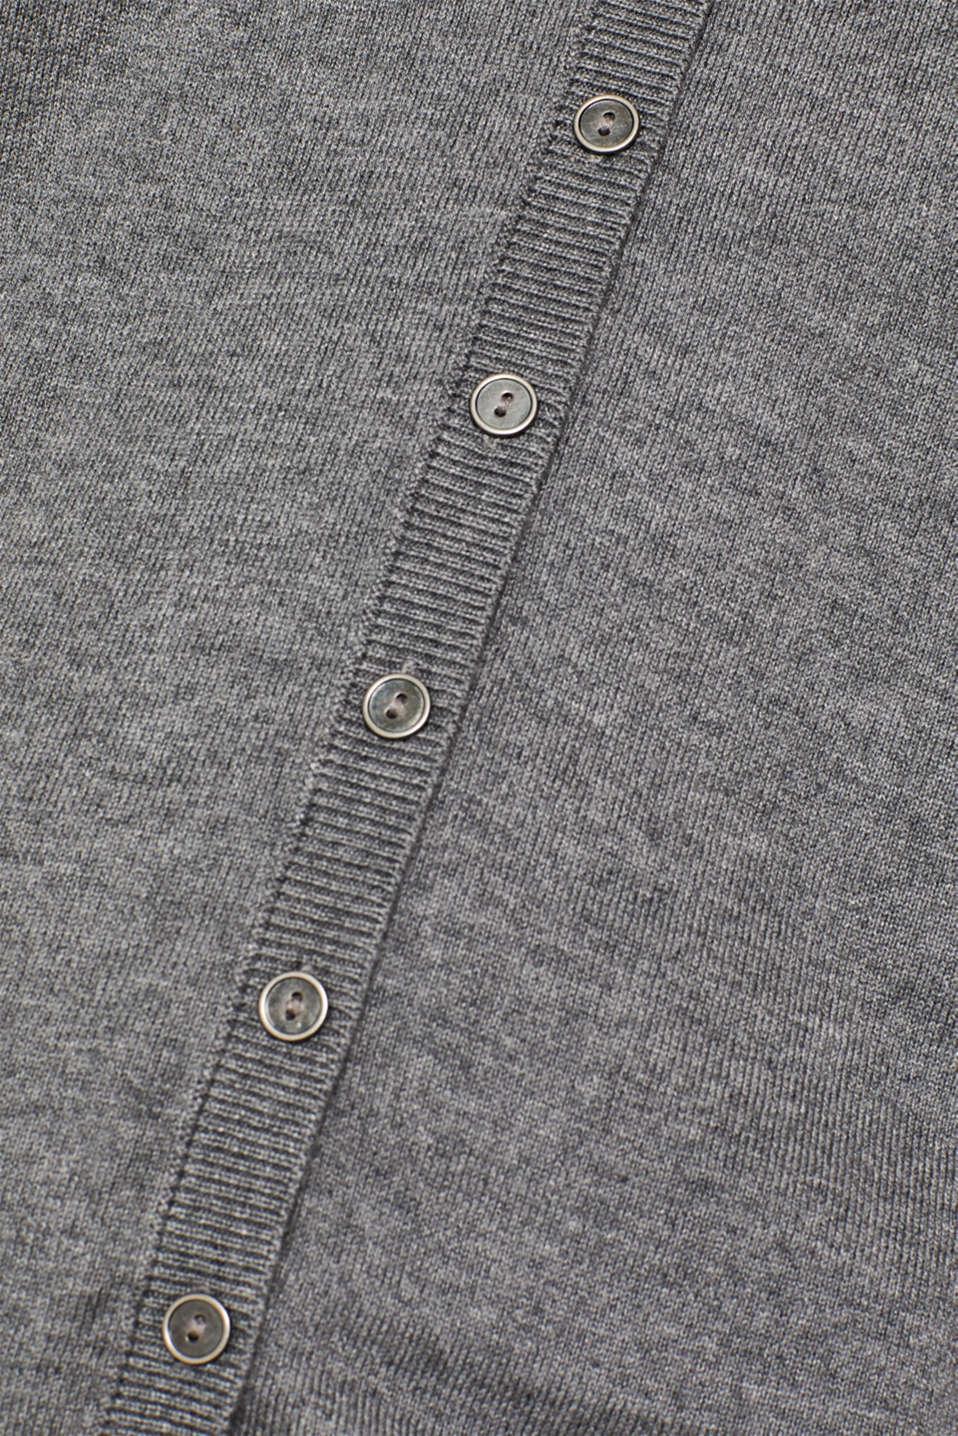 Basic fine knit cardigan, GUNMETAL 5, detail image number 4